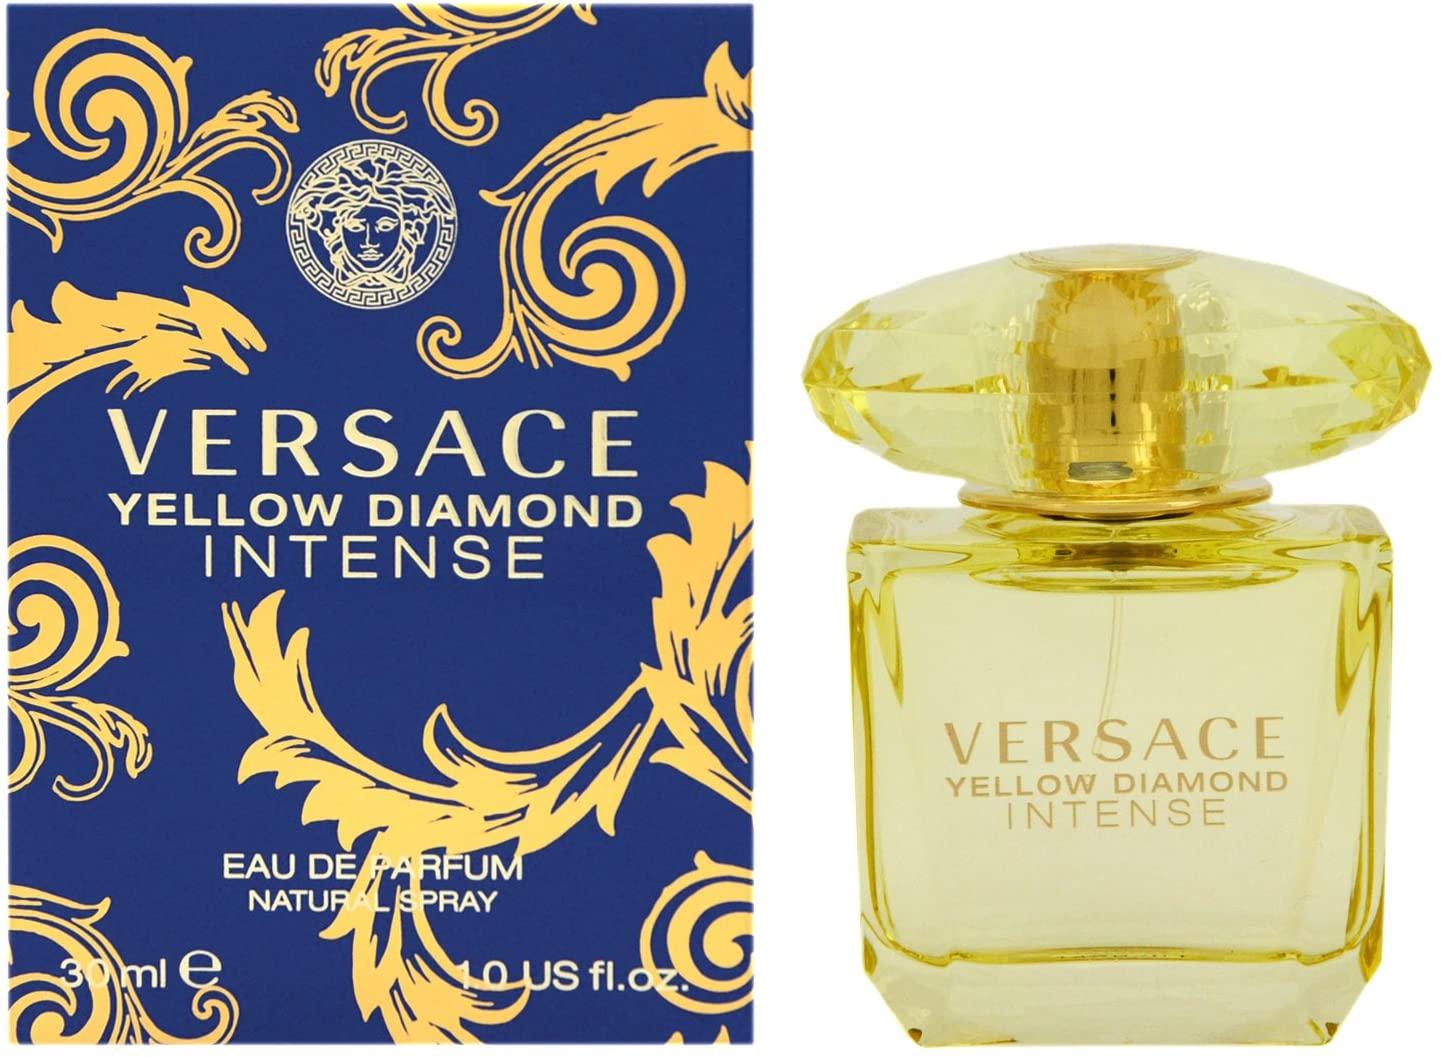 Versace Yellow Diamond Intense 30ml Edp